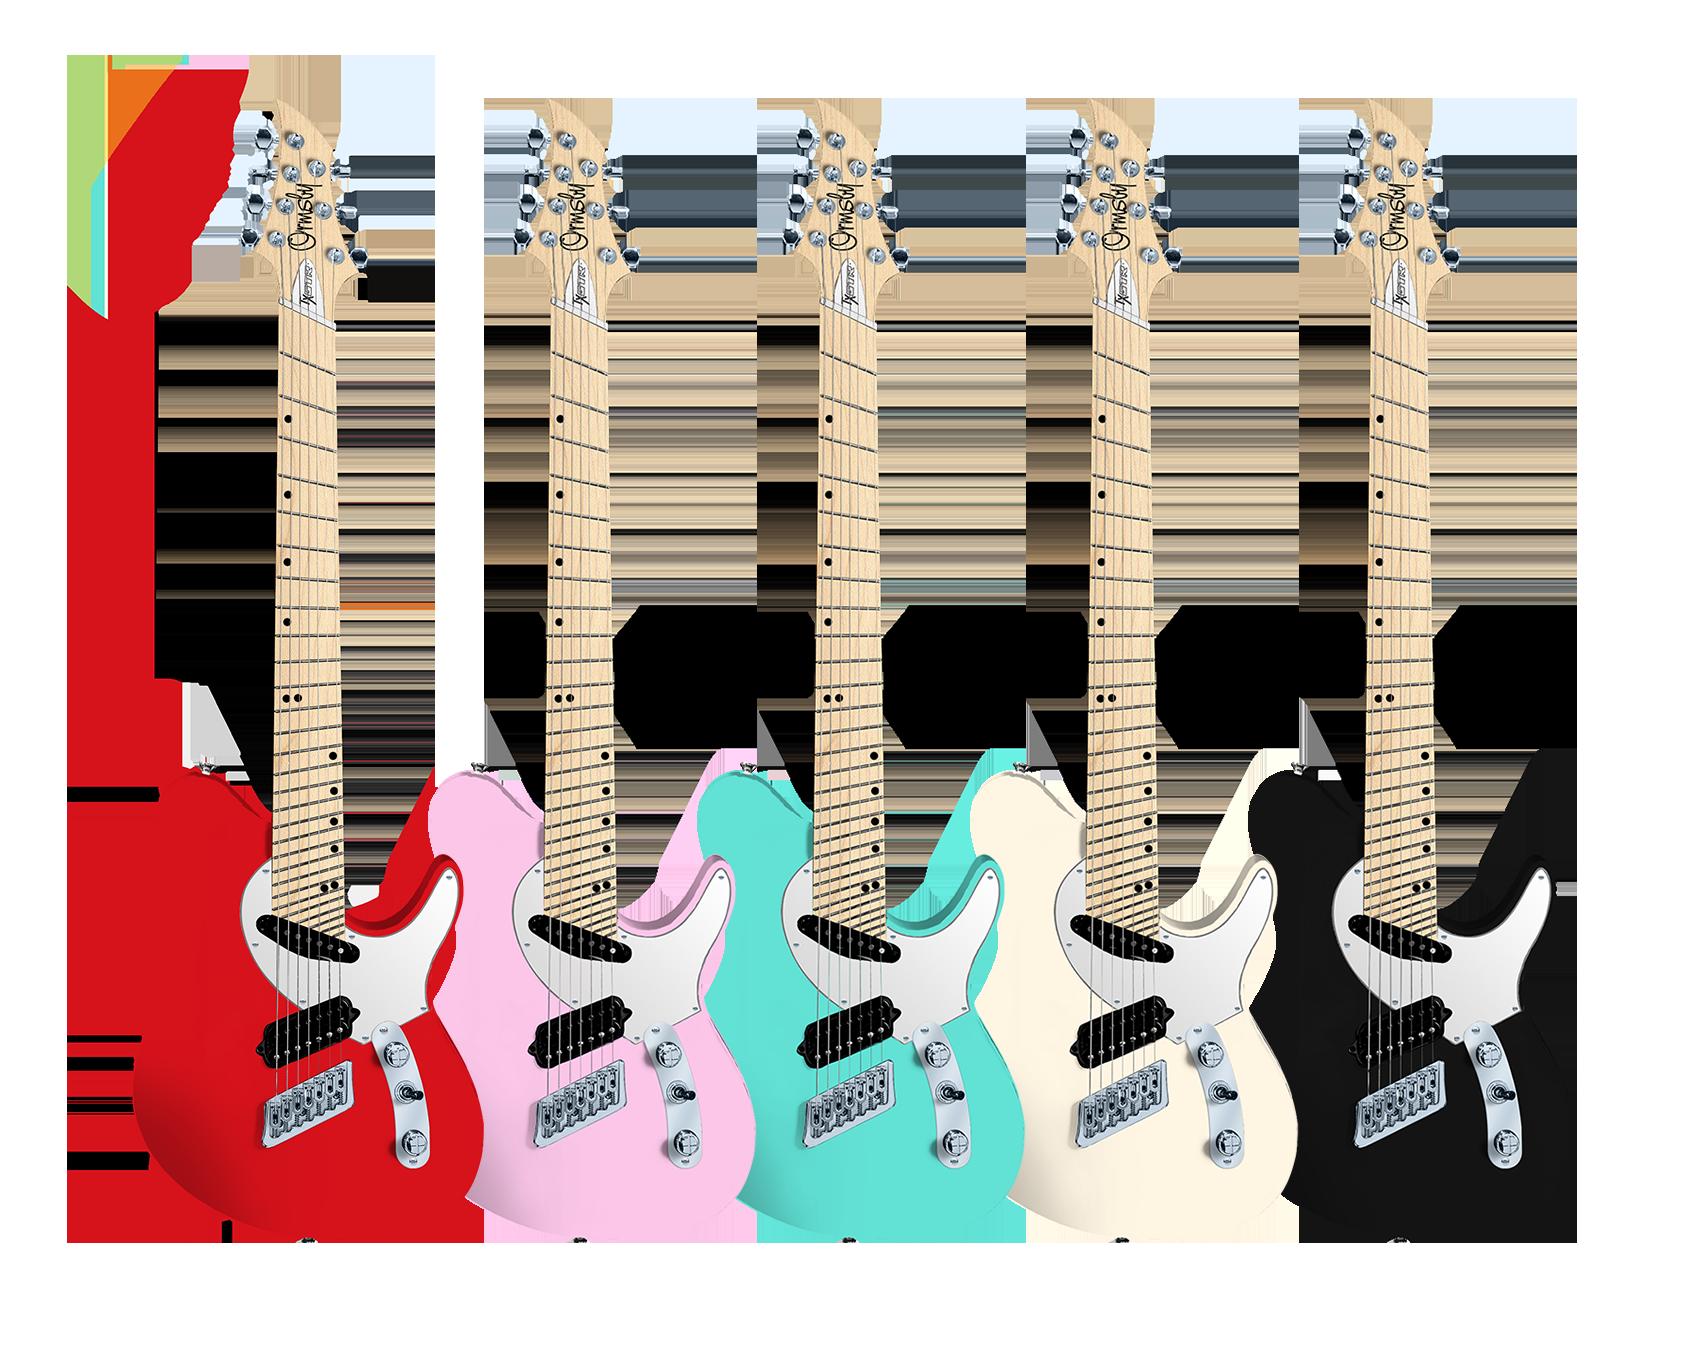 Ormsby Guitars Run 15 TX GTR